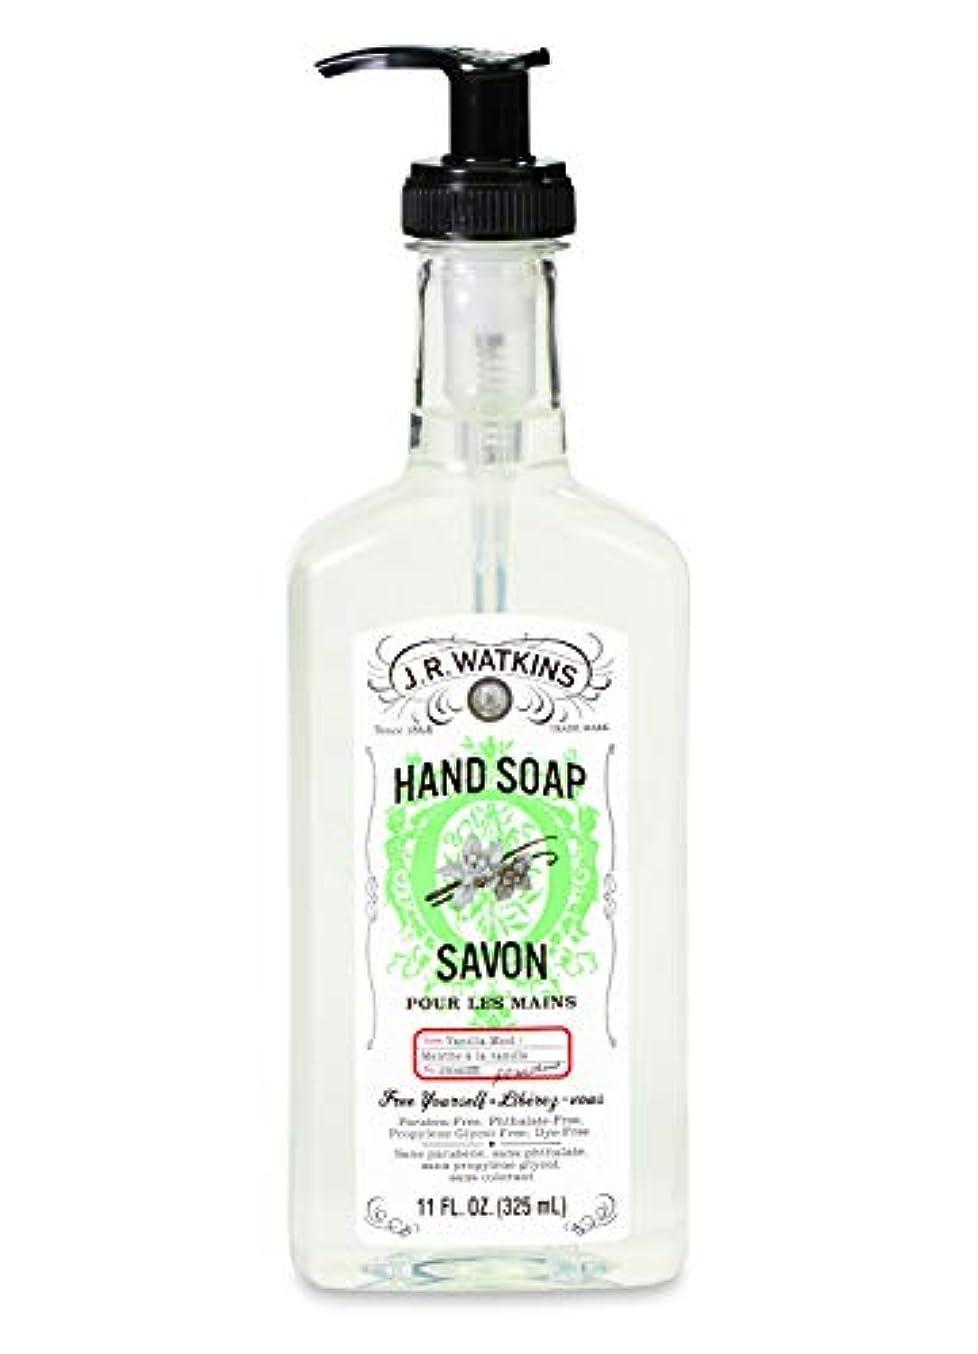 達成可能残り物間違いなくJ.R.Watkins/ハンドソープ バニラミント 325ml リラックス 石鹸 植物由来 保湿 甘い香り